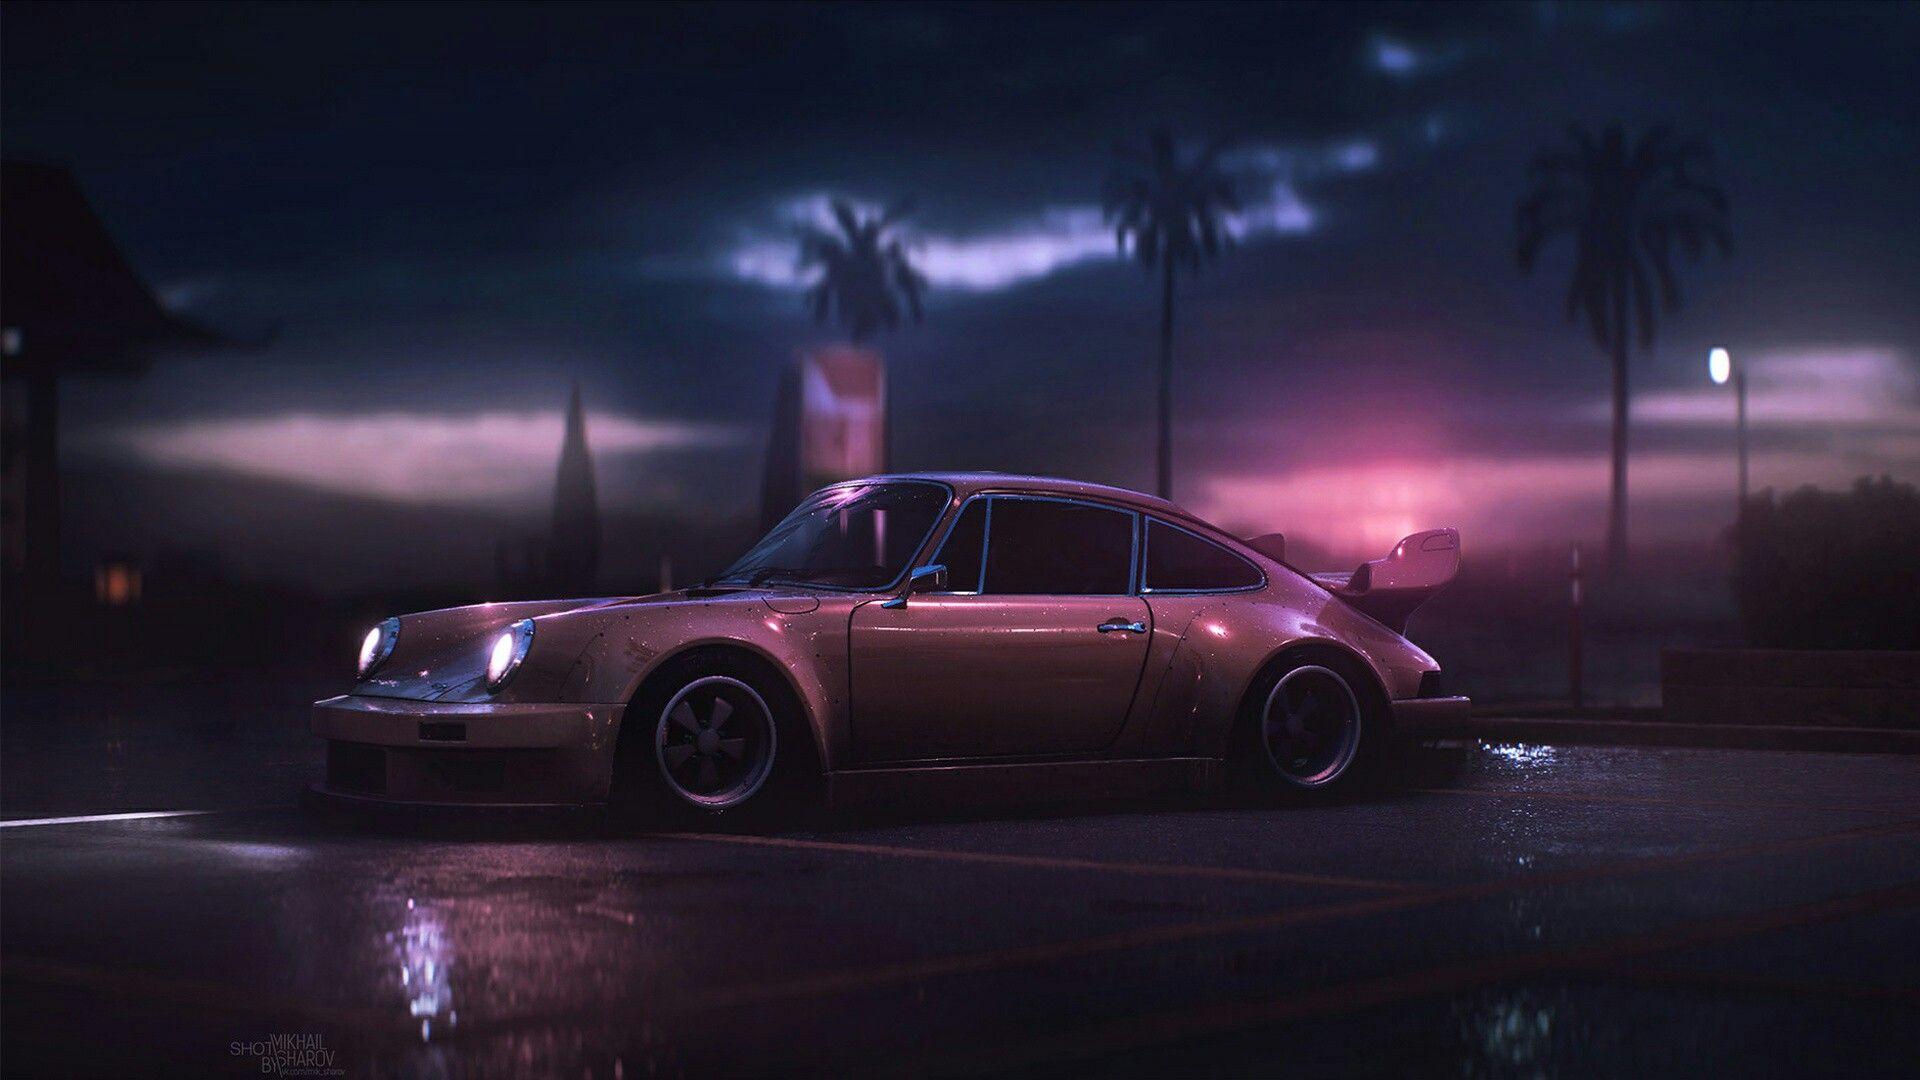 Pin By Vortex Channel On 1366h768 Porsche Bmw Wallpapers Porsche 911